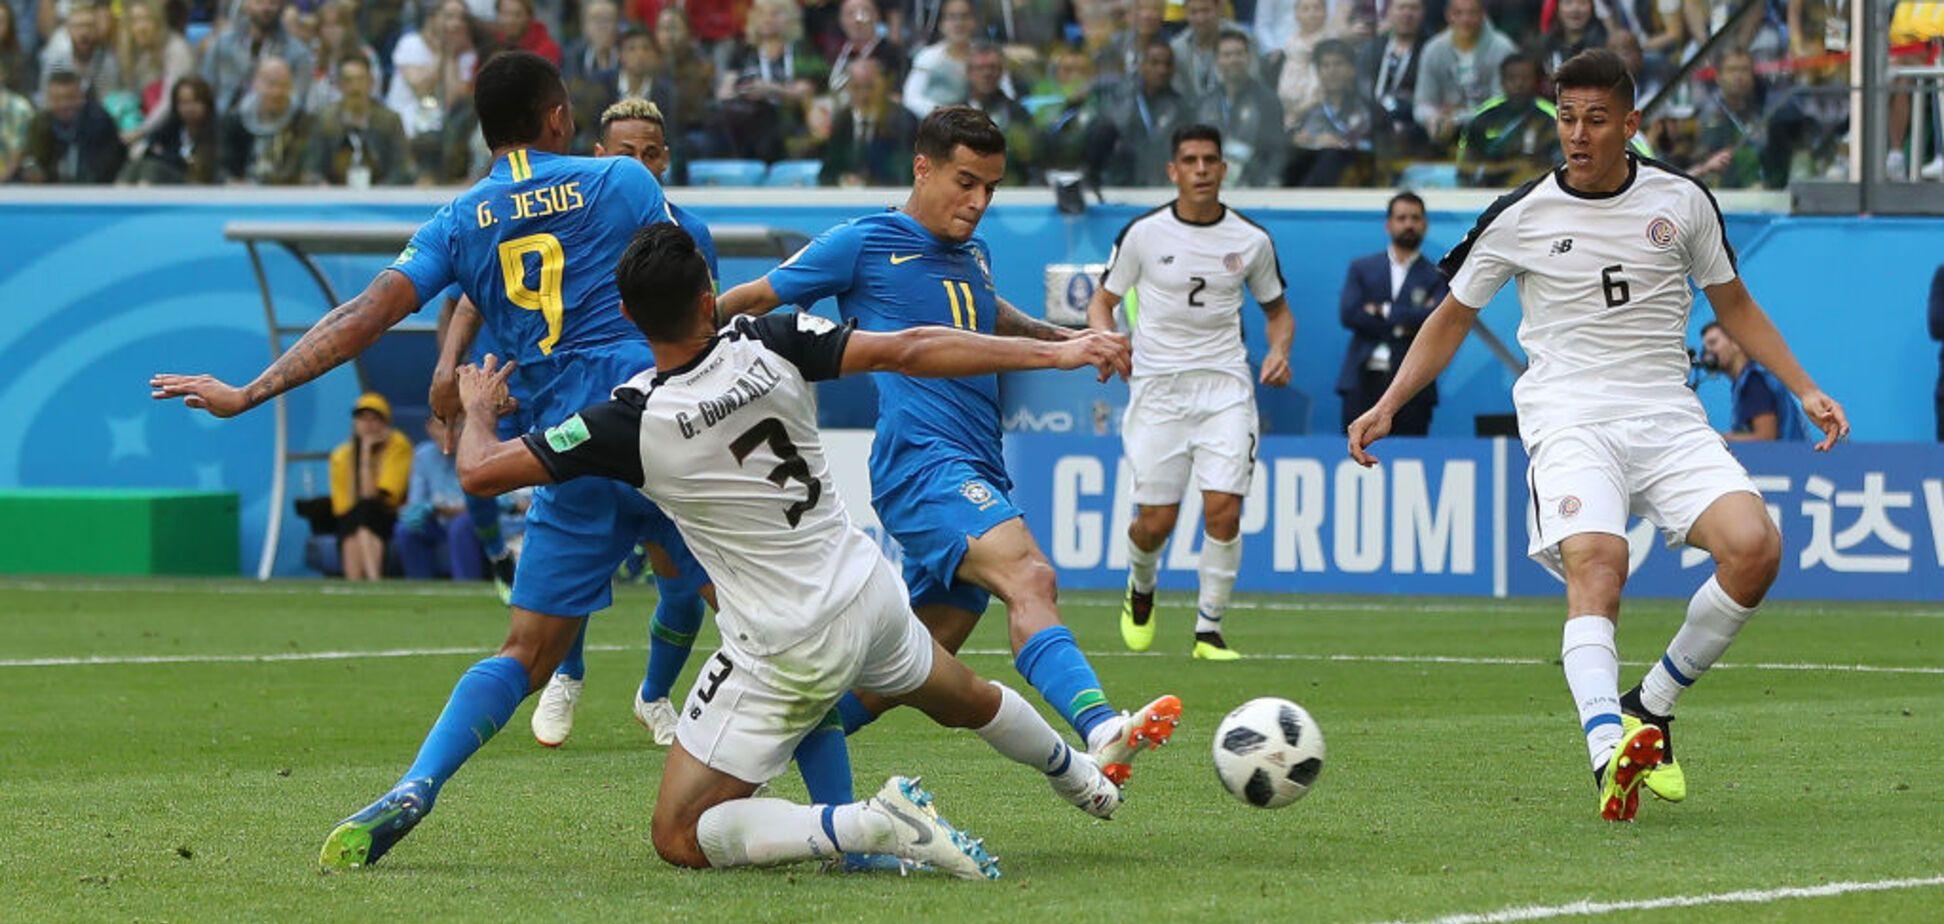 Бразилия – Мексика: где смотреть матч 1/8 финала ЧМ-2018